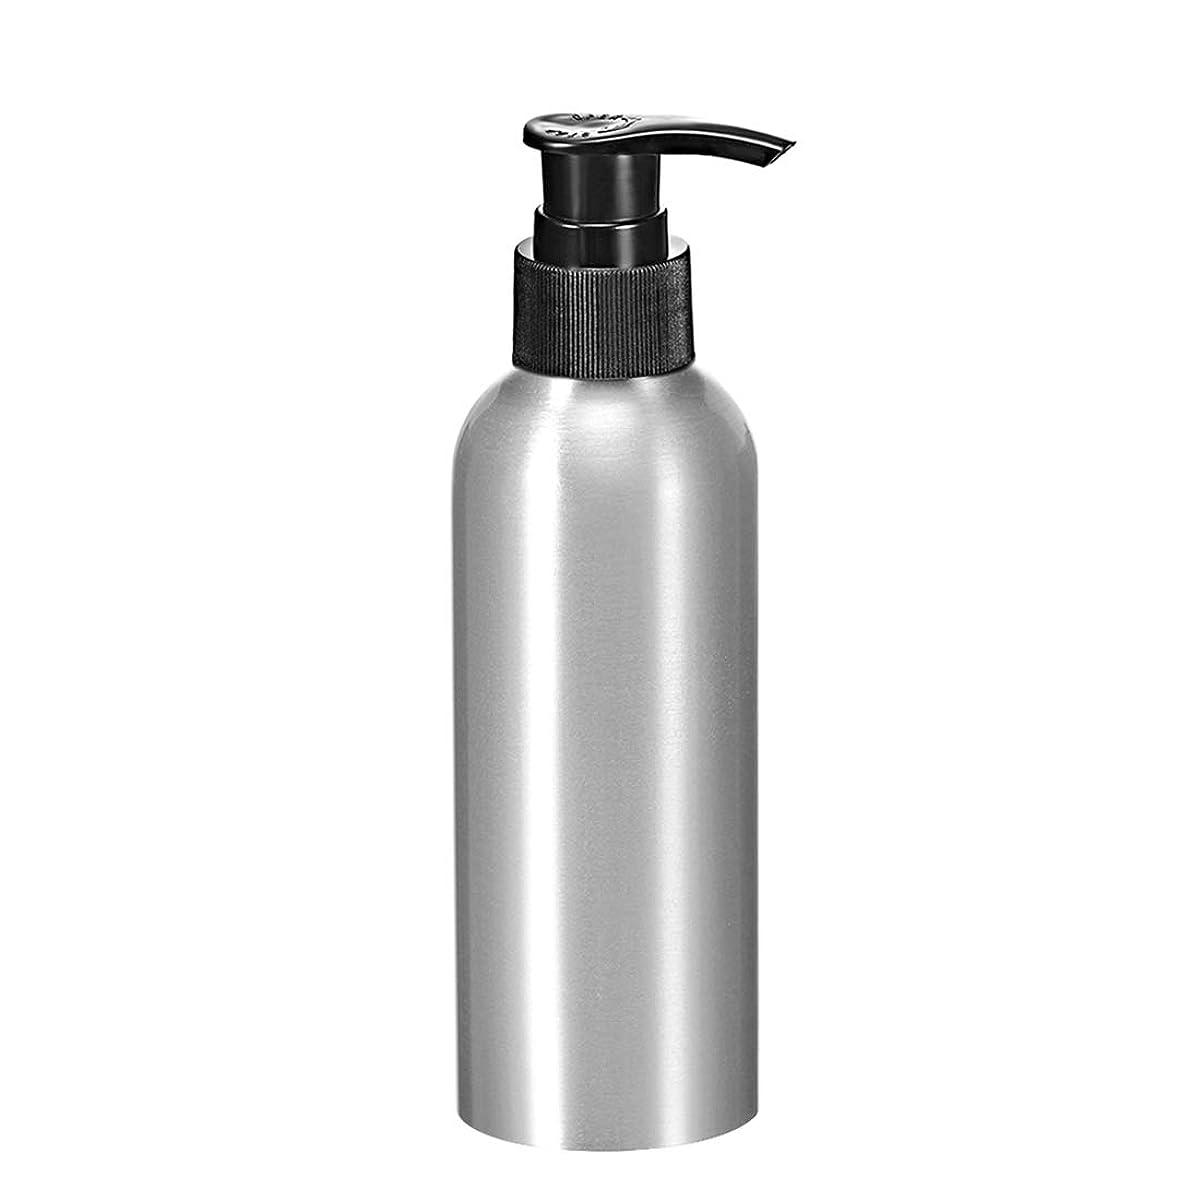 調停する協力究極のuxcell uxcell アルミスプレーボトル ブラックファインミストスプレー付き 空の詰め替え容器 トラベルボトル 8.4oz/250ml